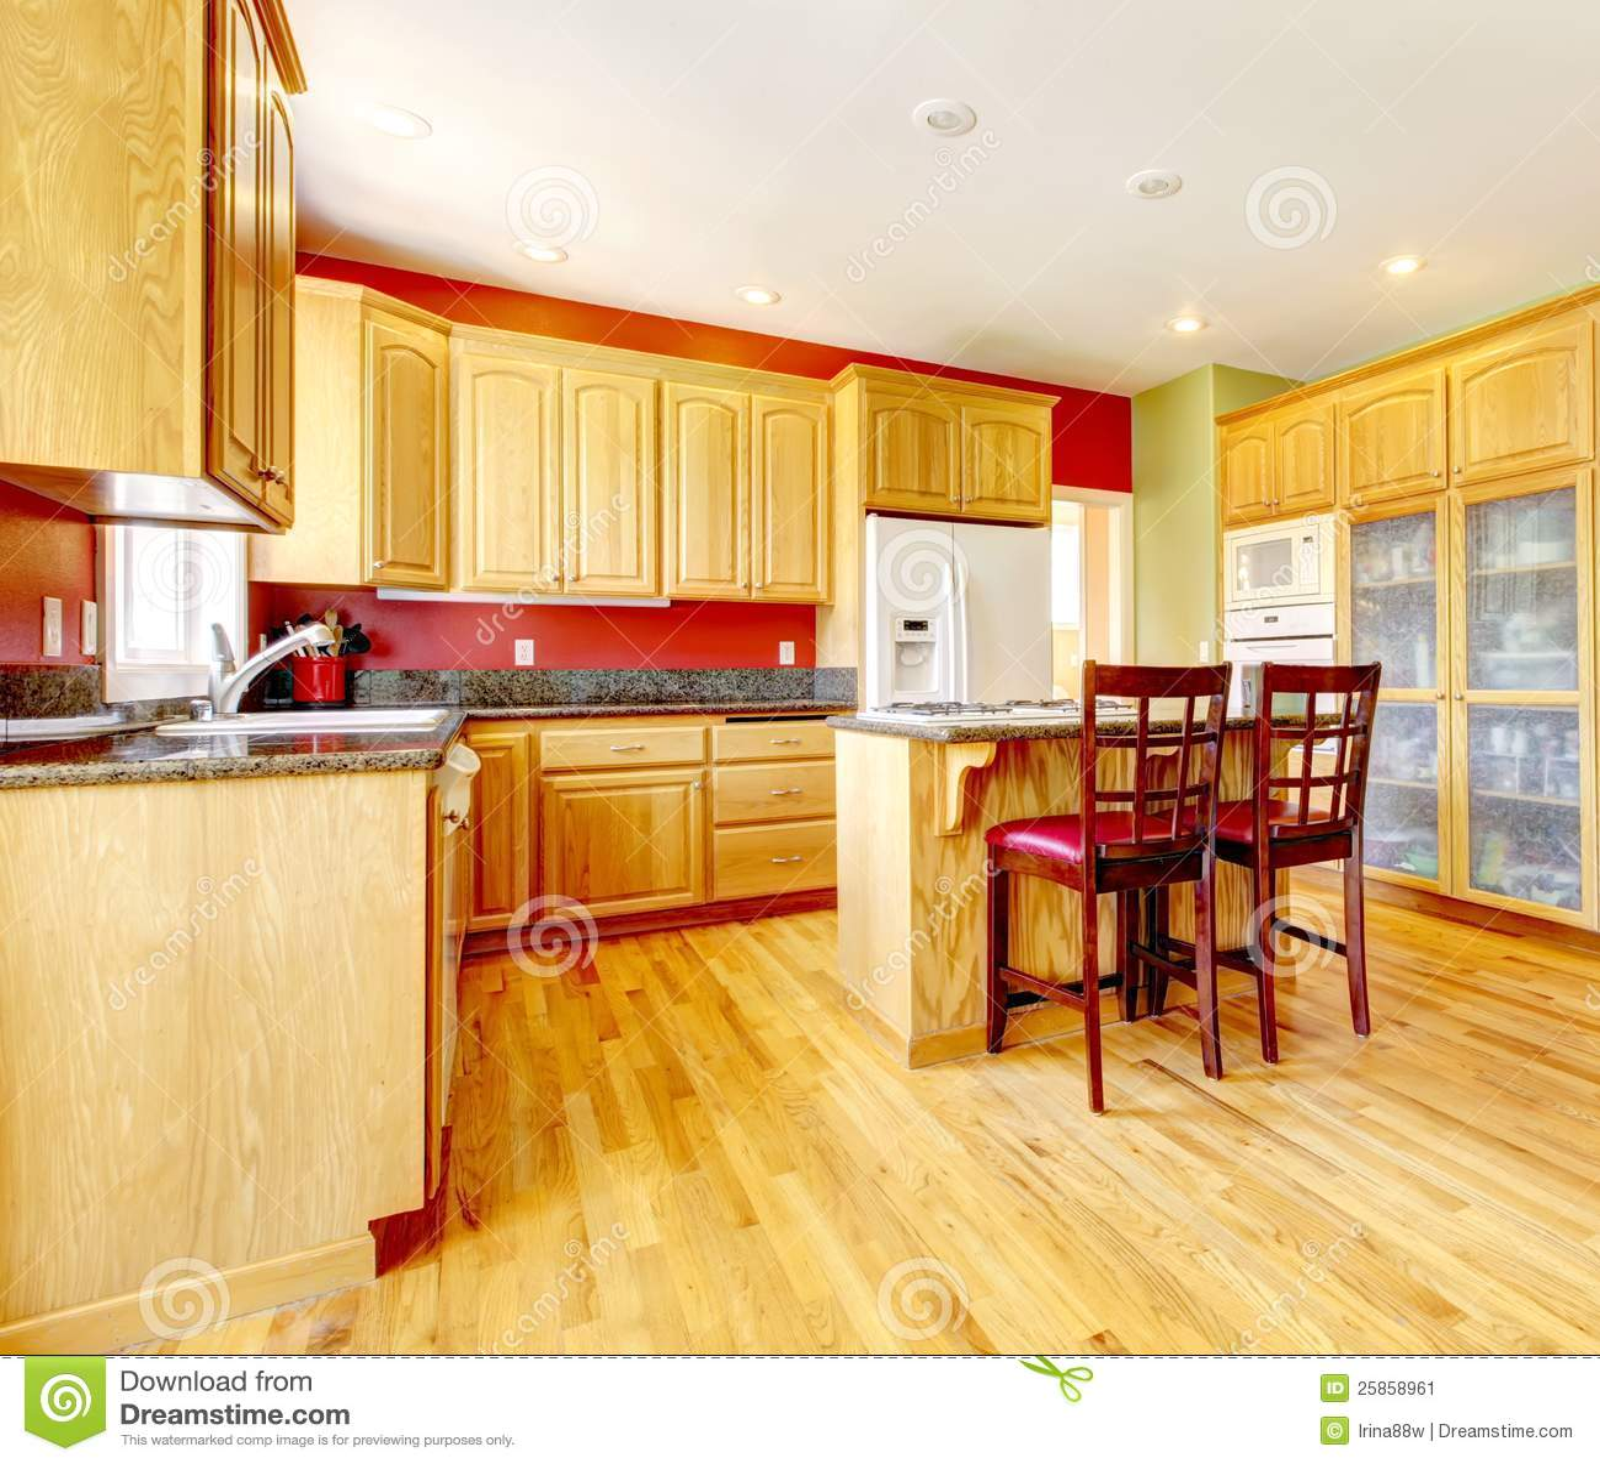 Gelbe Küche Mit Insel Und Gelbes Holz. Stockbild - Bild: 25858961